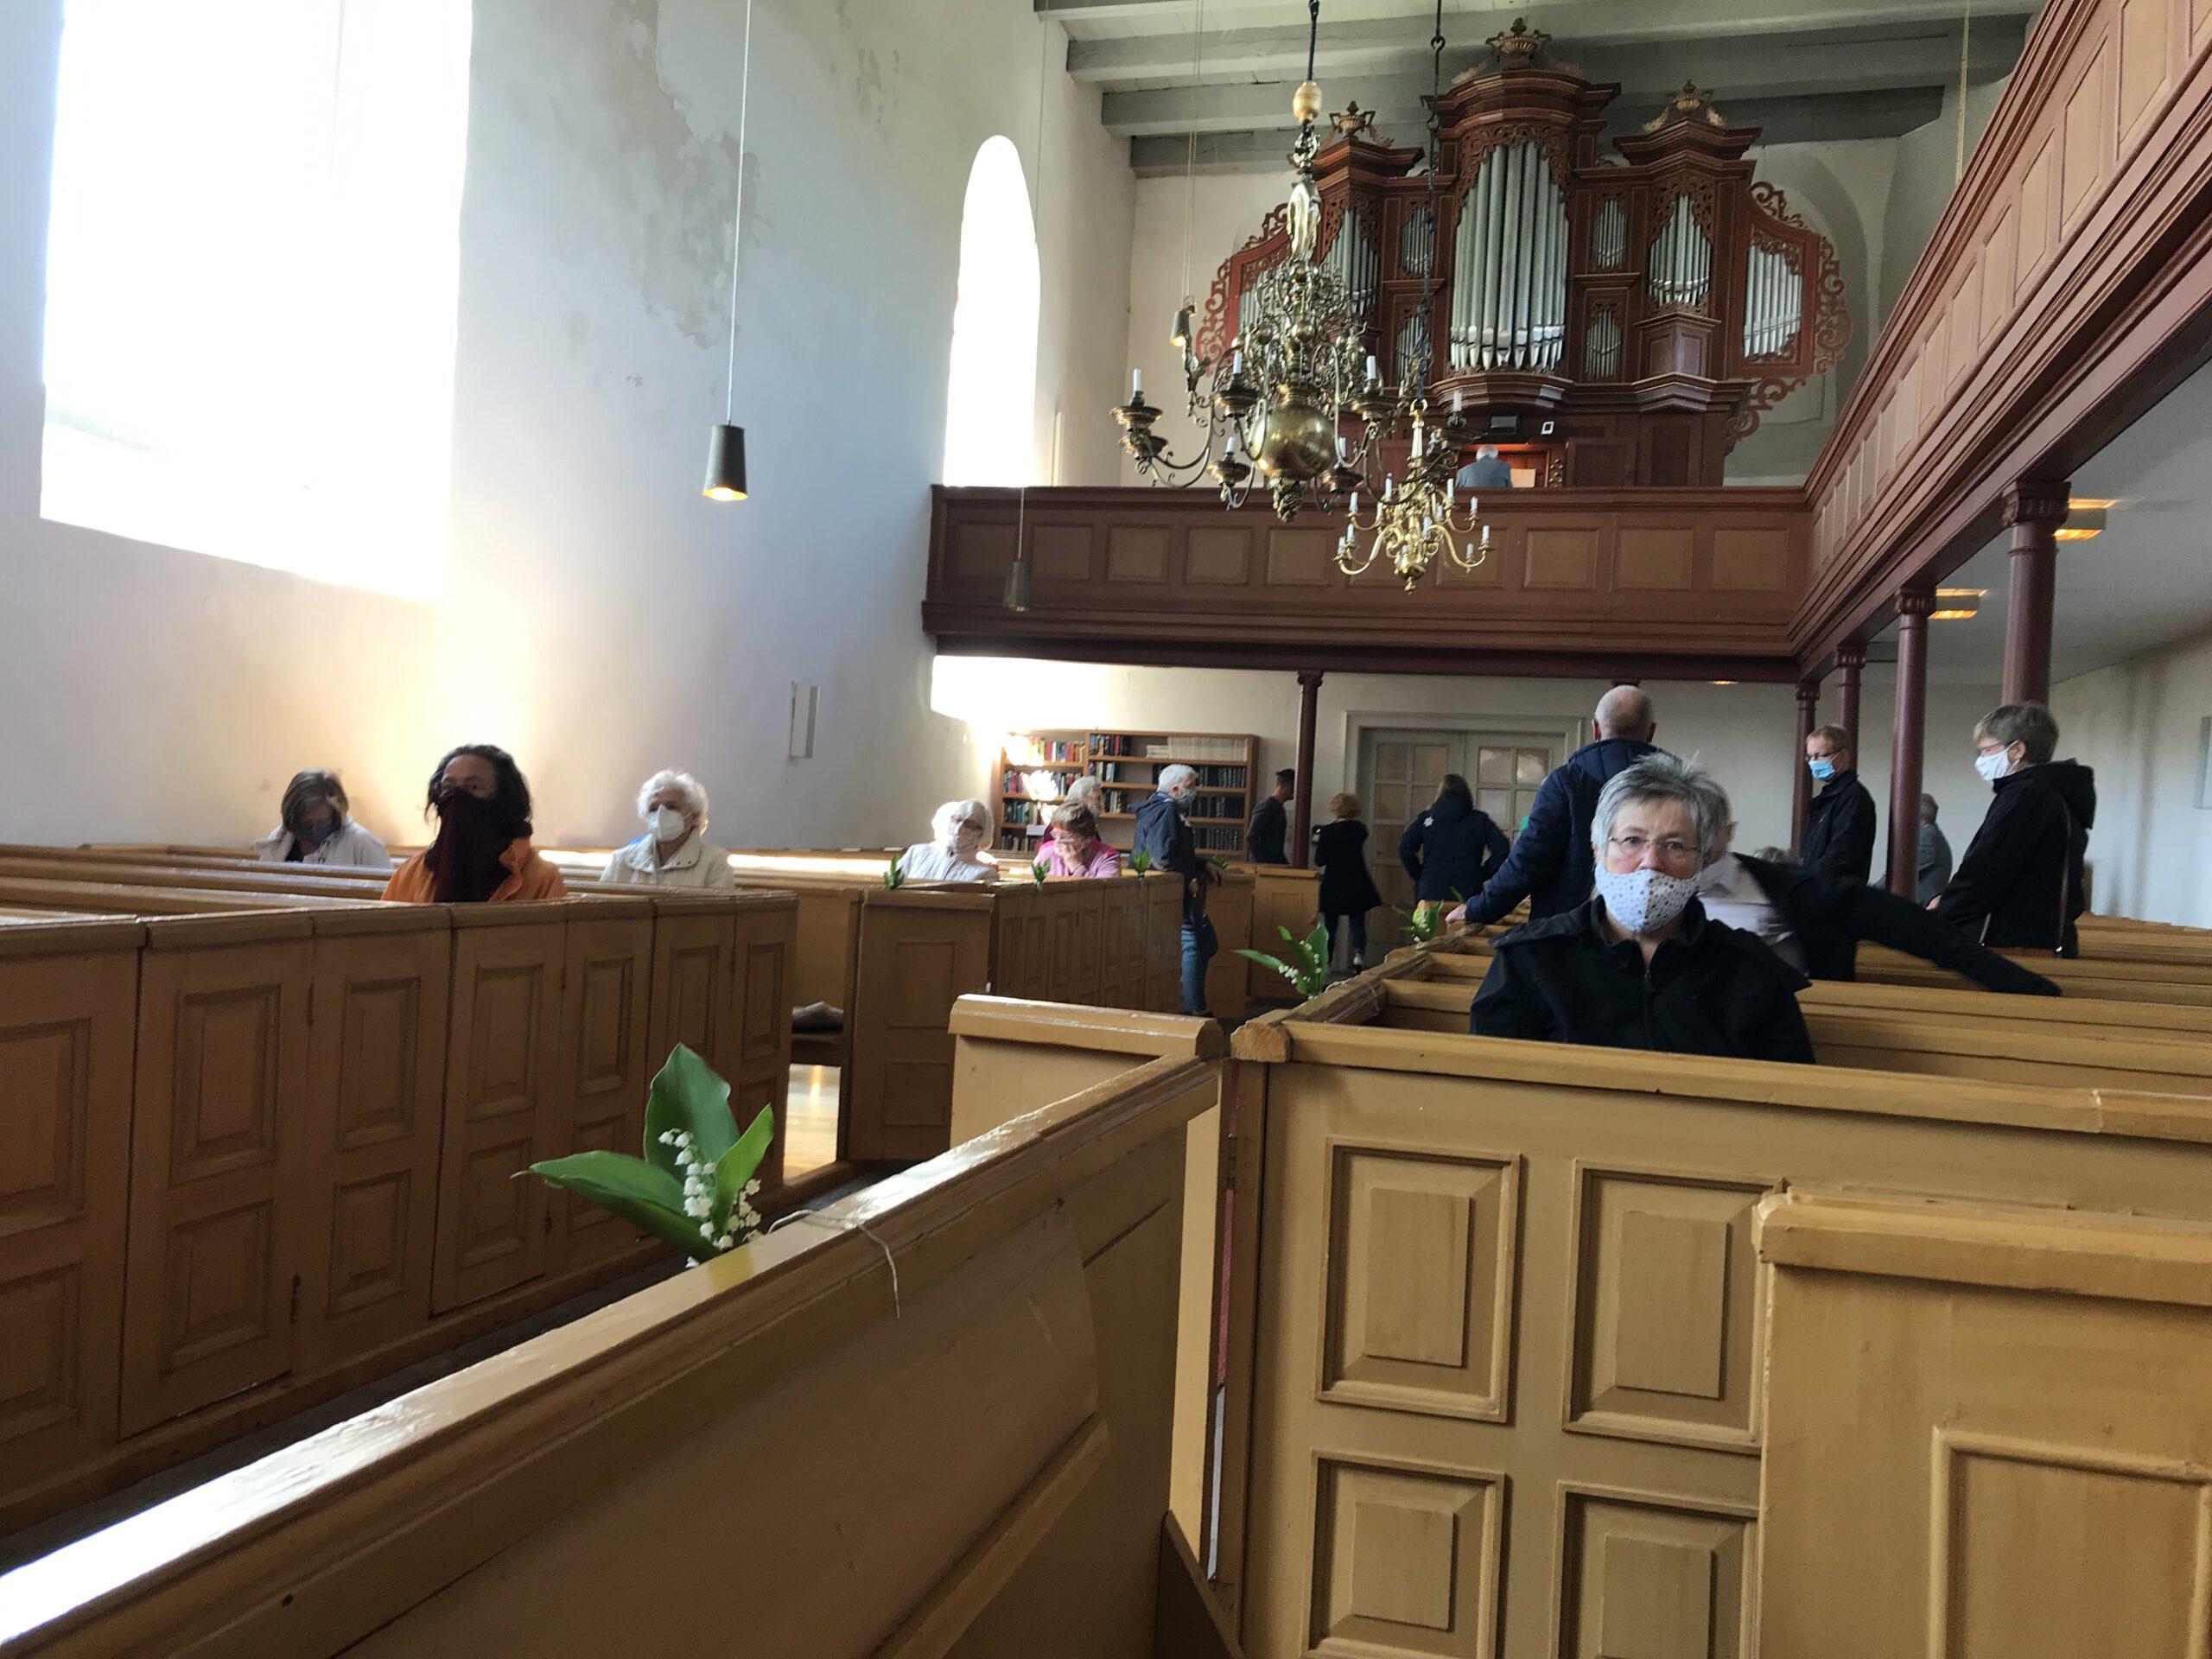 Gottesdienst mit Maske - eine Premiere in der St. Nicolai-Kirche